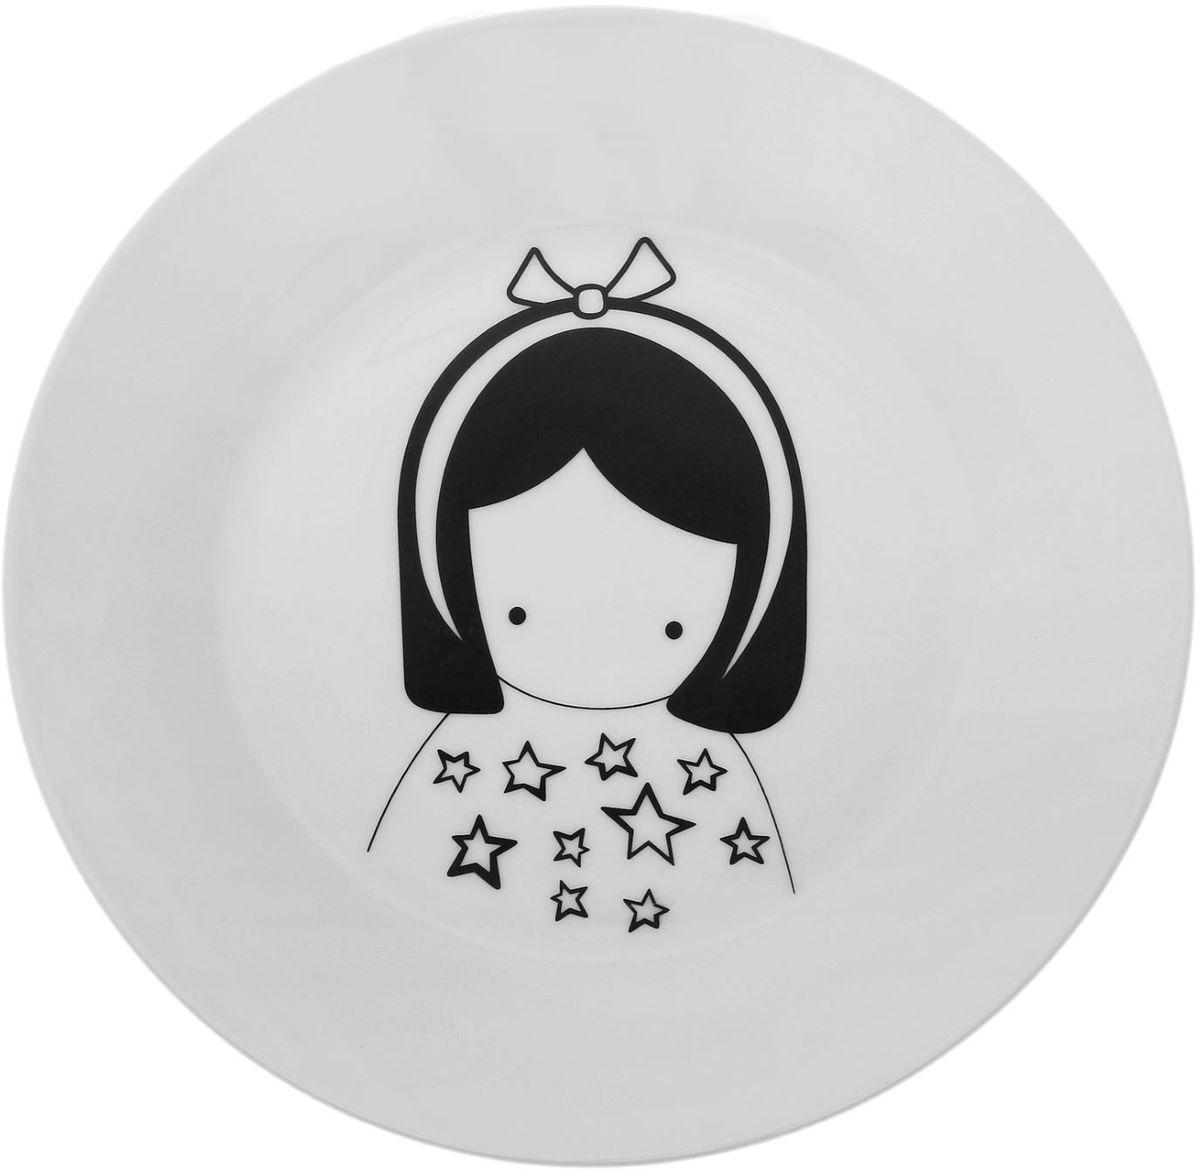 Тарелка Сотвори чудо Куколка, диаметр 23 см1661851Хотите обновить интерьер кухни или гостиной? Устраиваете необычную фотосессию или тематический праздник? А может, просто ищете подарок для близкого человека? Посуда « Сотвори Чудо» — правильный выбор в любой ситуации. Её достоинства: изящный фаянс нежного сливочного цвета; стойкость краски; пригодность для посудомоечных машин.